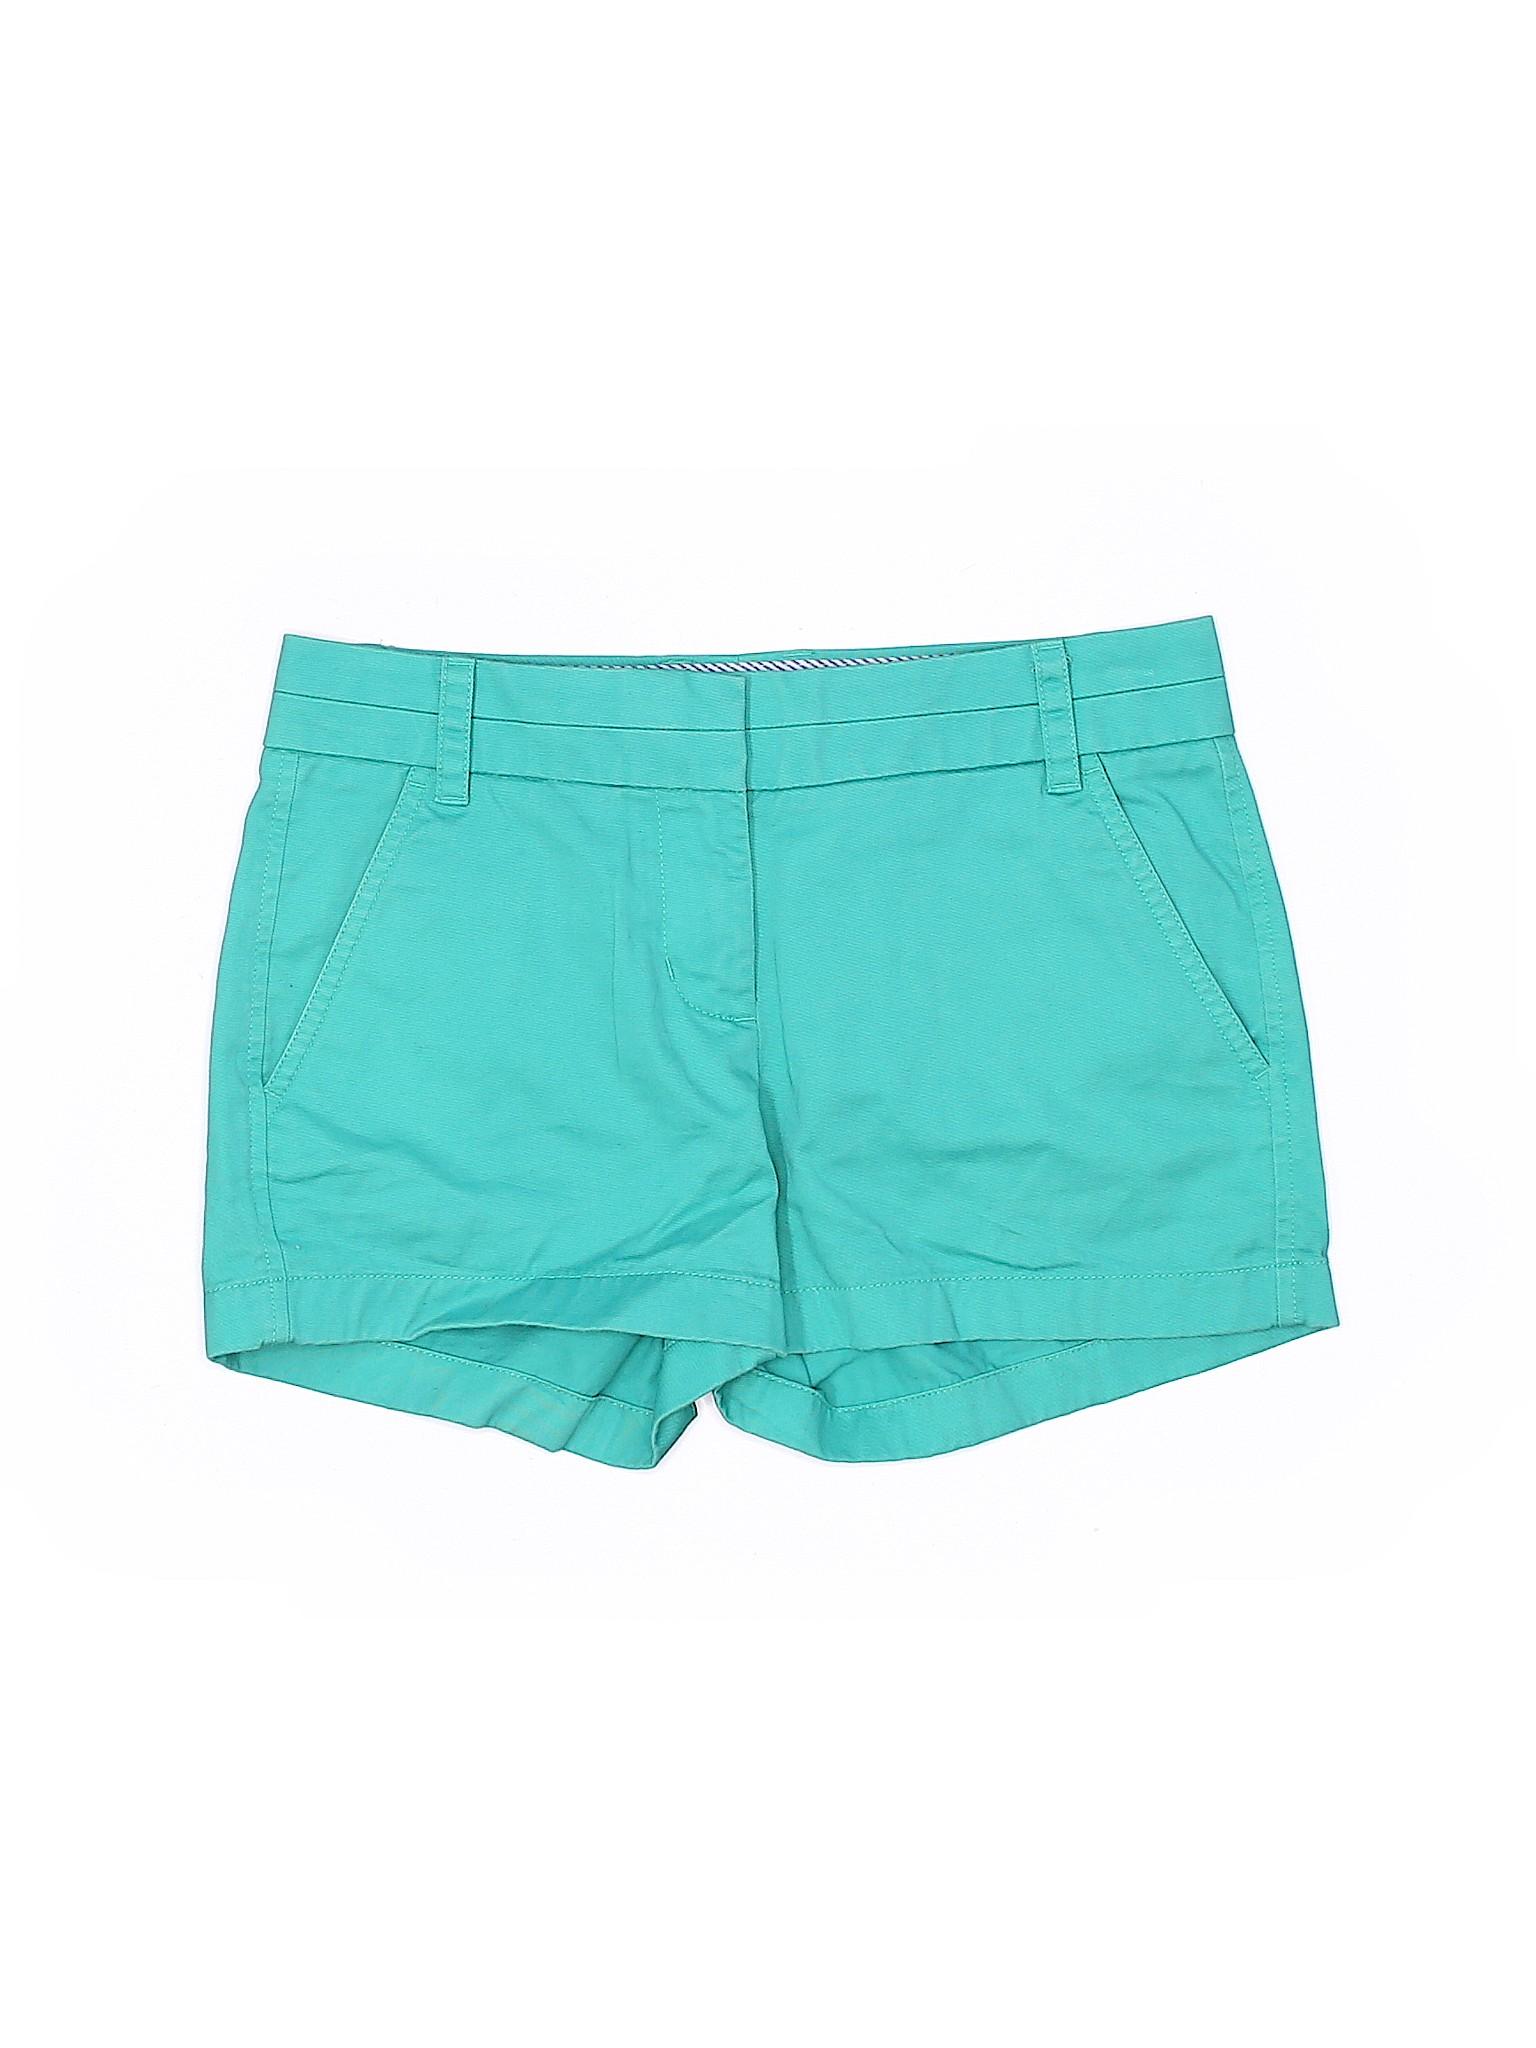 Khaki J Shorts Crew Boutique winter UawqTcZ